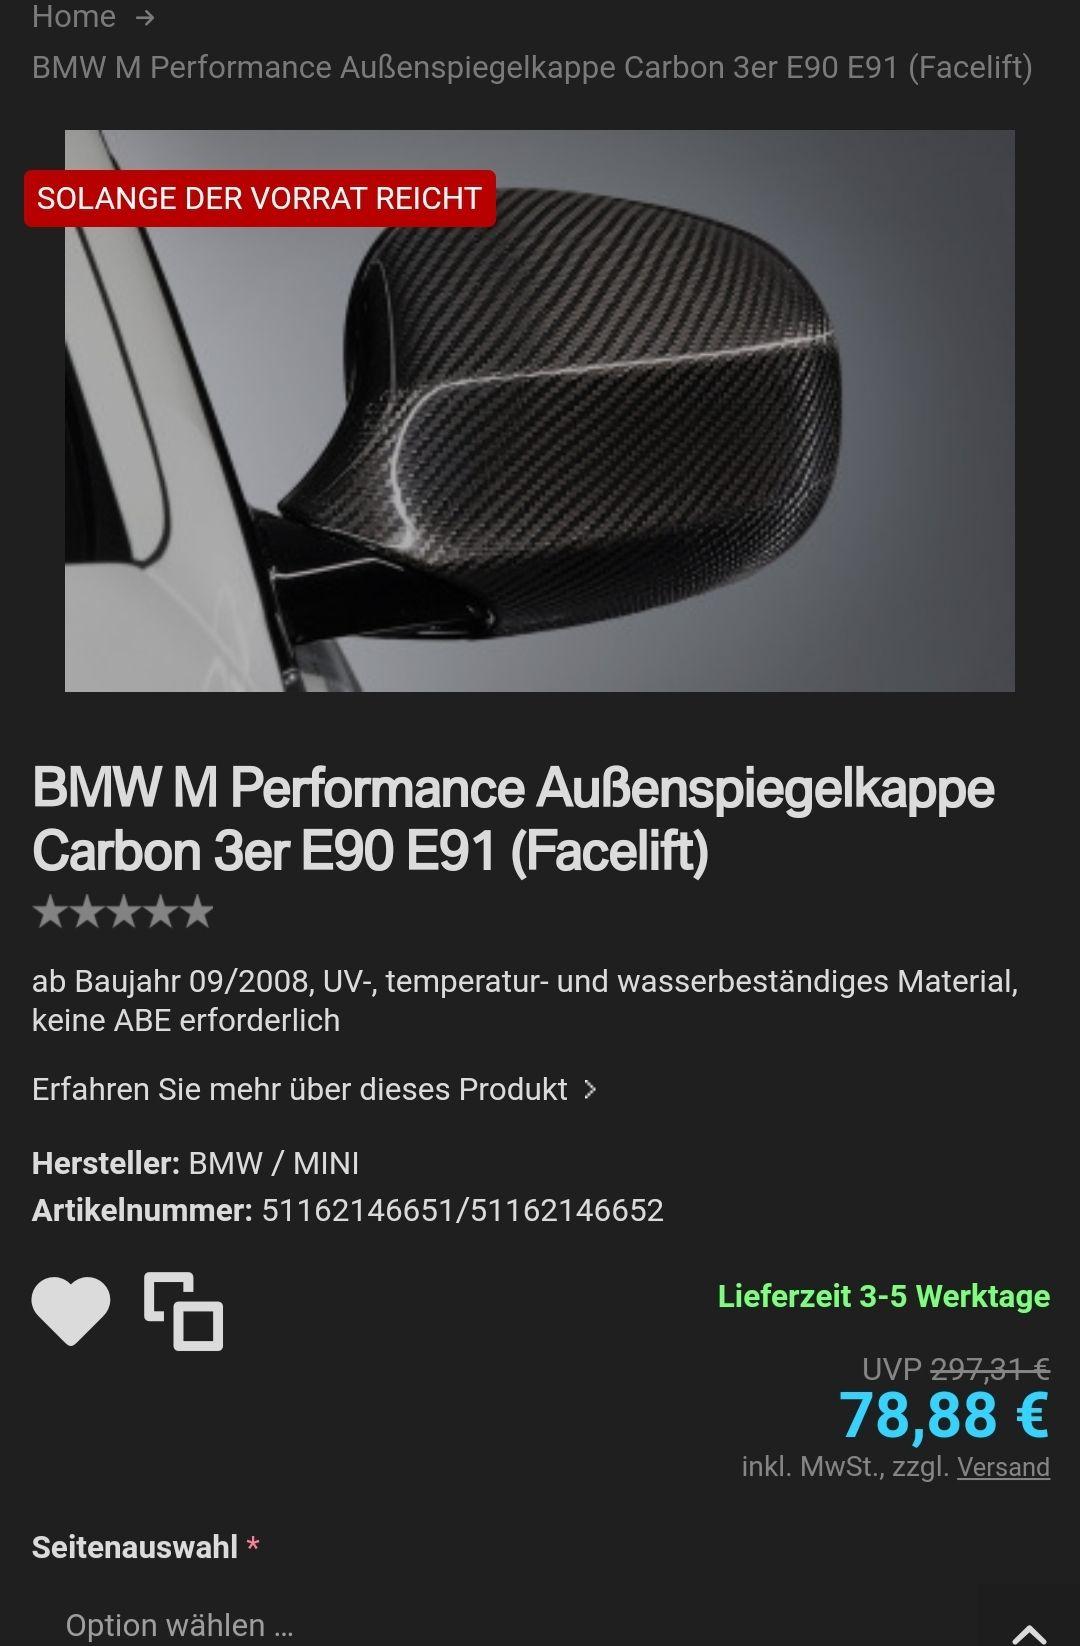 2x Original Bmw Carbon Spiegelkappe für 3er E90/E91 FL